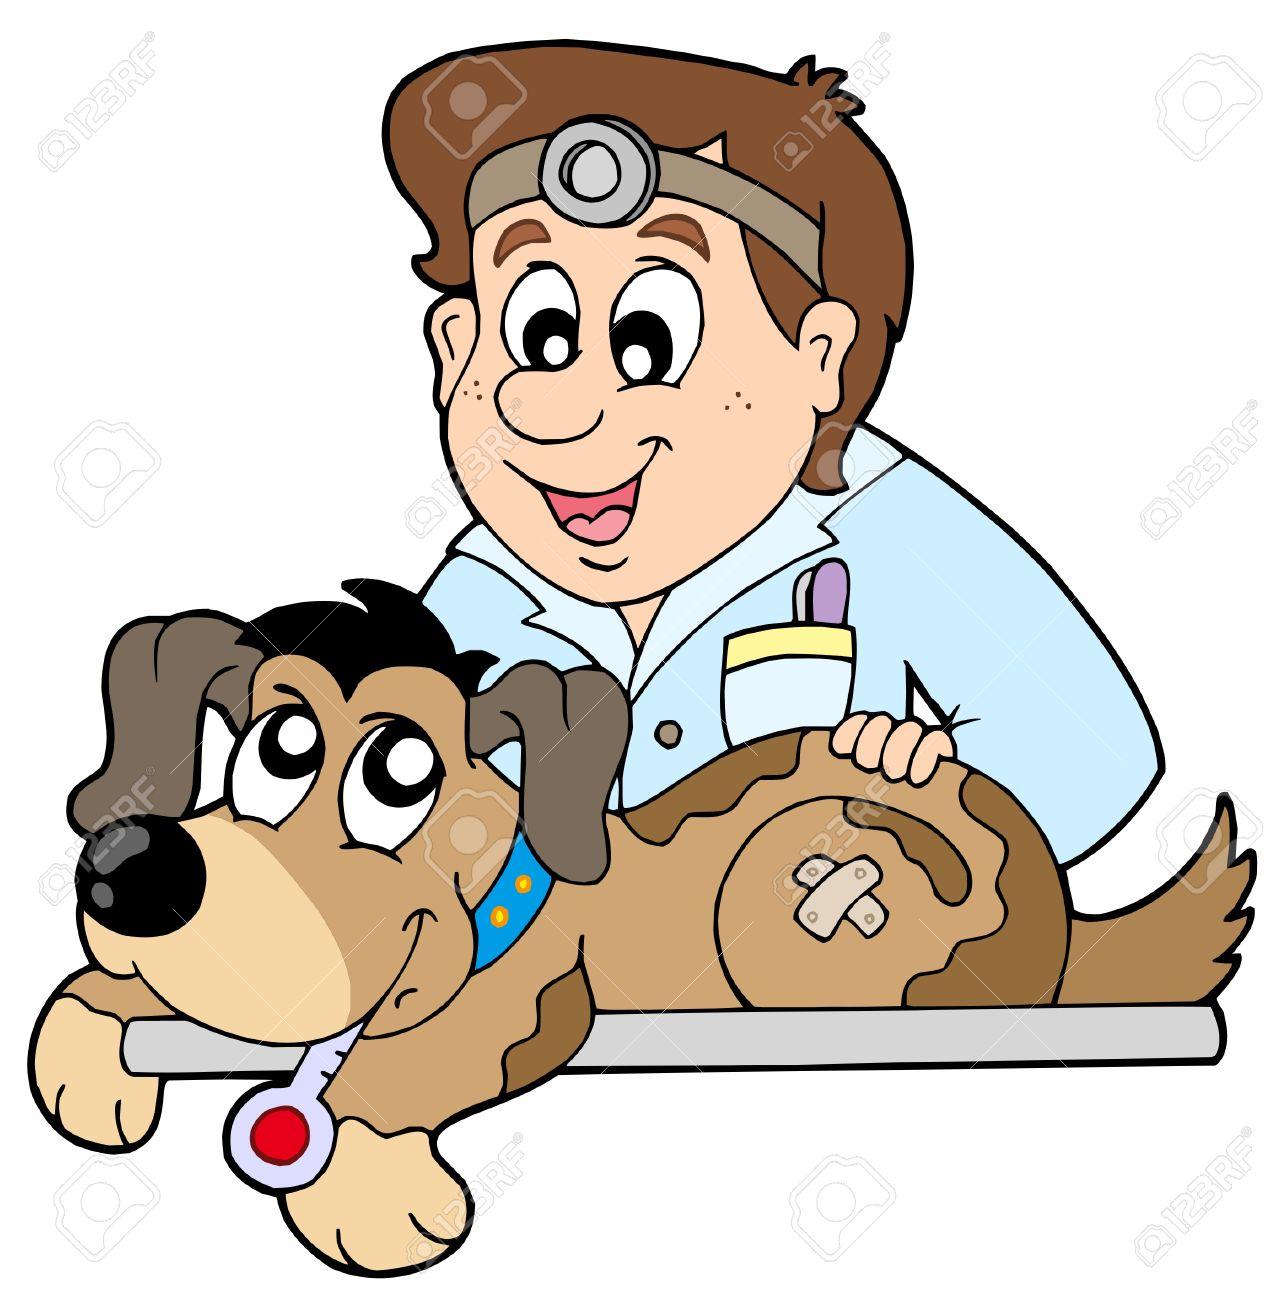 Dog at veterinarian - vector illustration. Stock Vector - 6092593